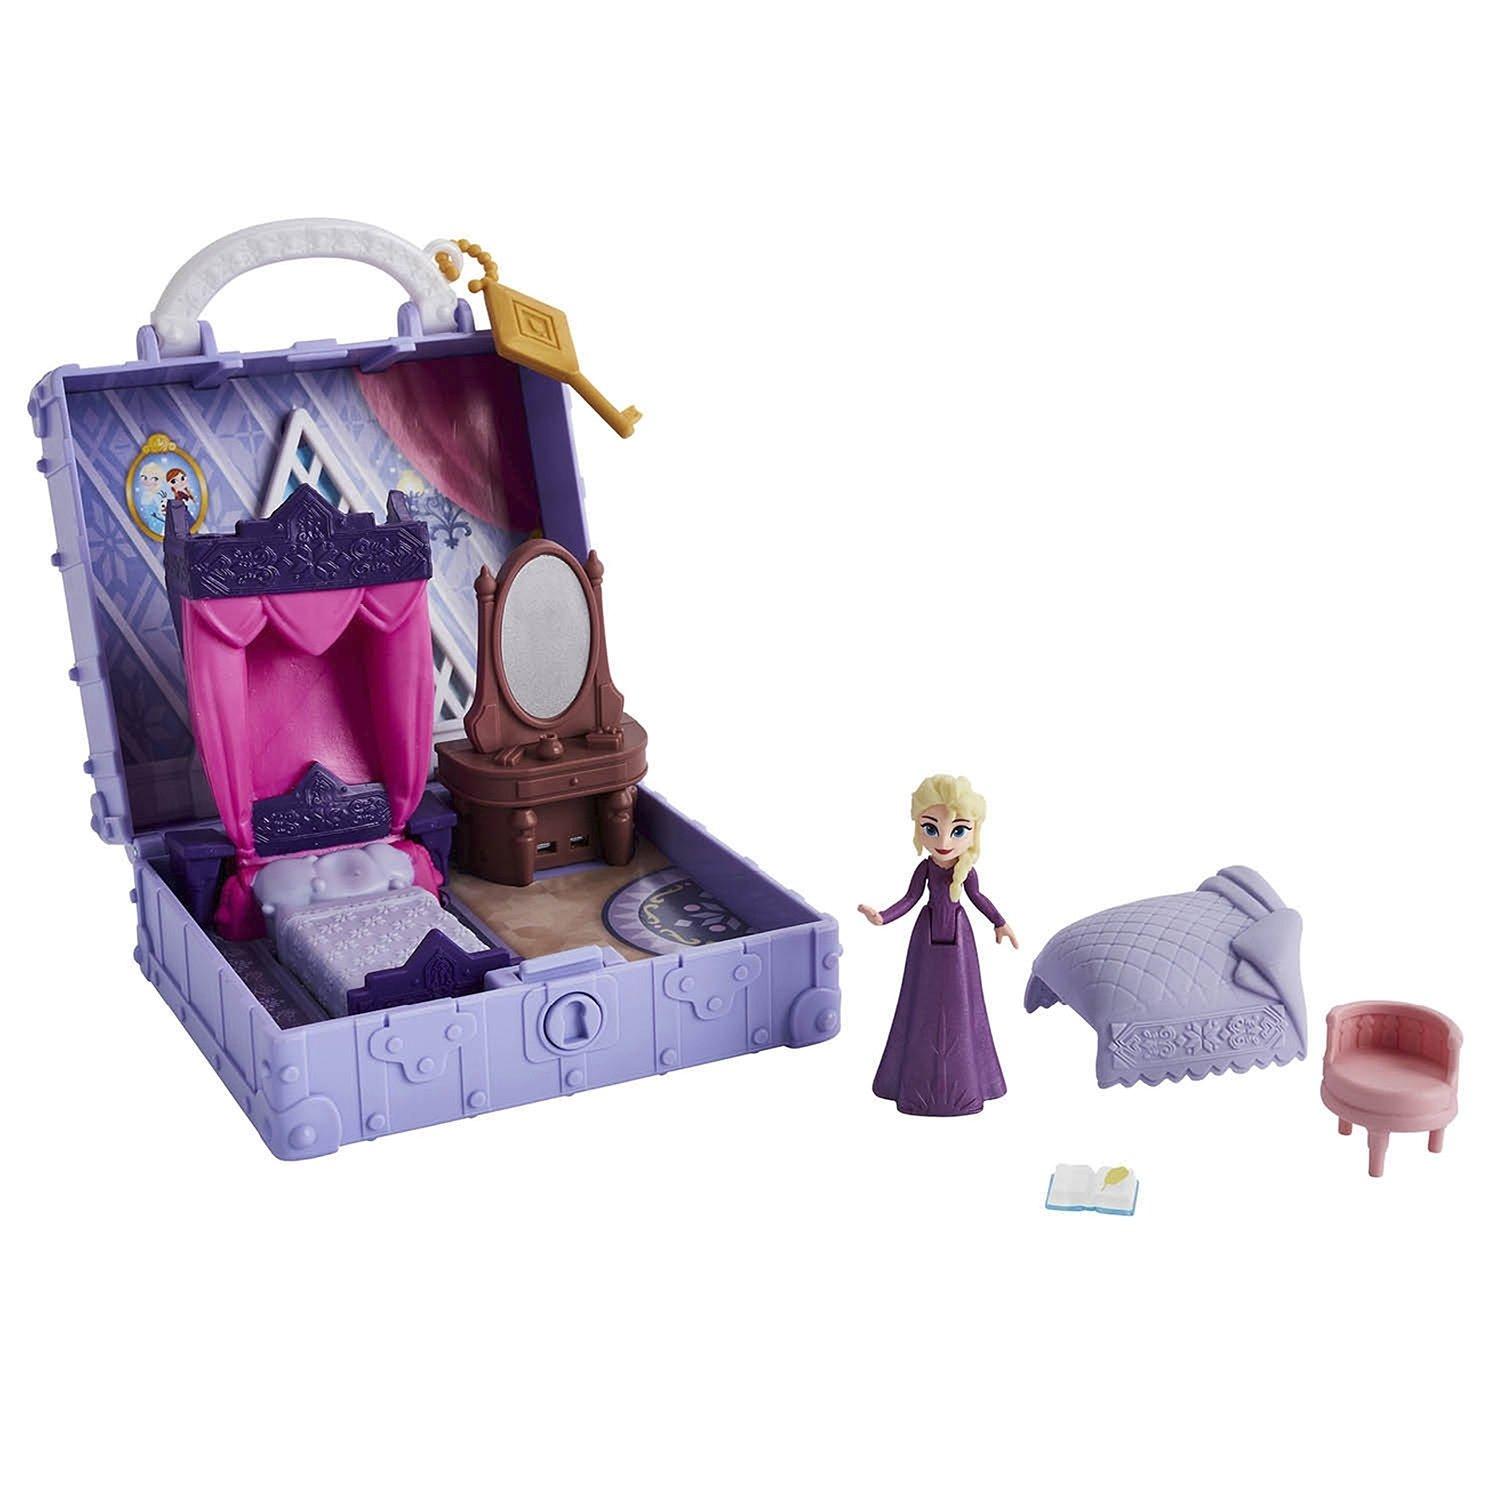 Купить Игровой набор Hasbro Disney Frozen Холодное Сердце 2 Шкатулка в ассортименте,